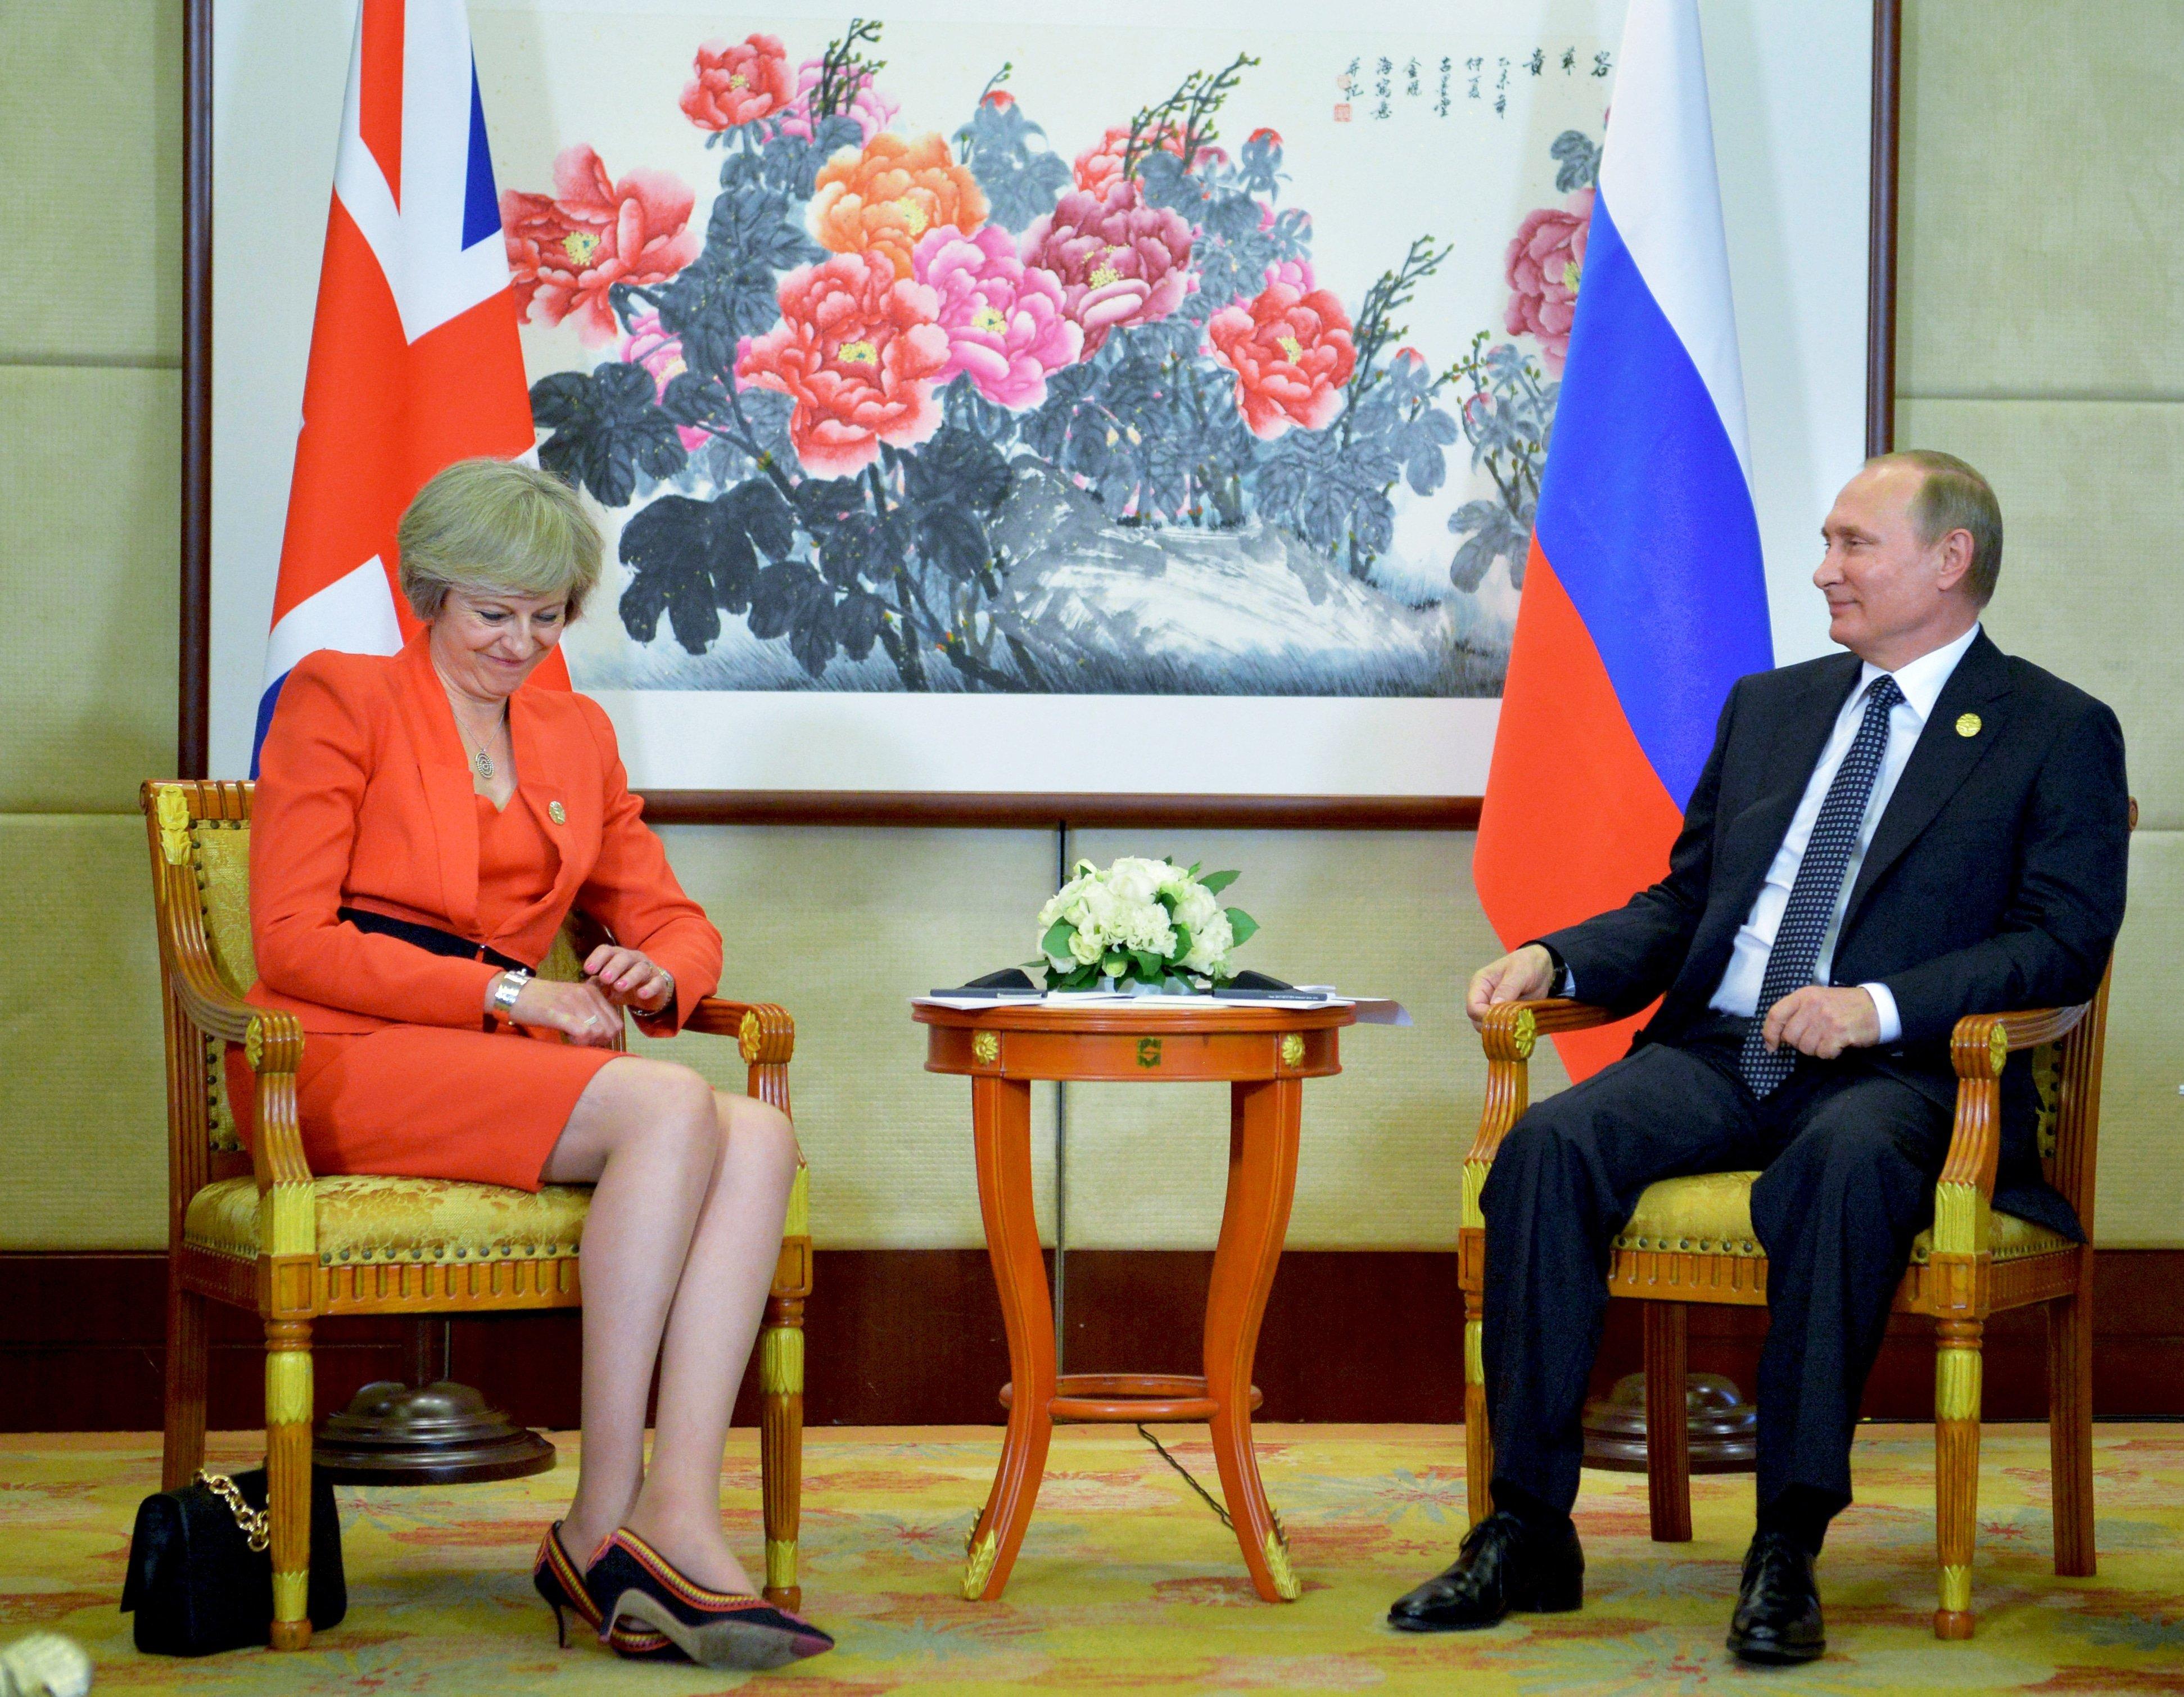 Regno Unito, espulsi 23 diplomatici russi per il caso dell'ex spia avvelenata